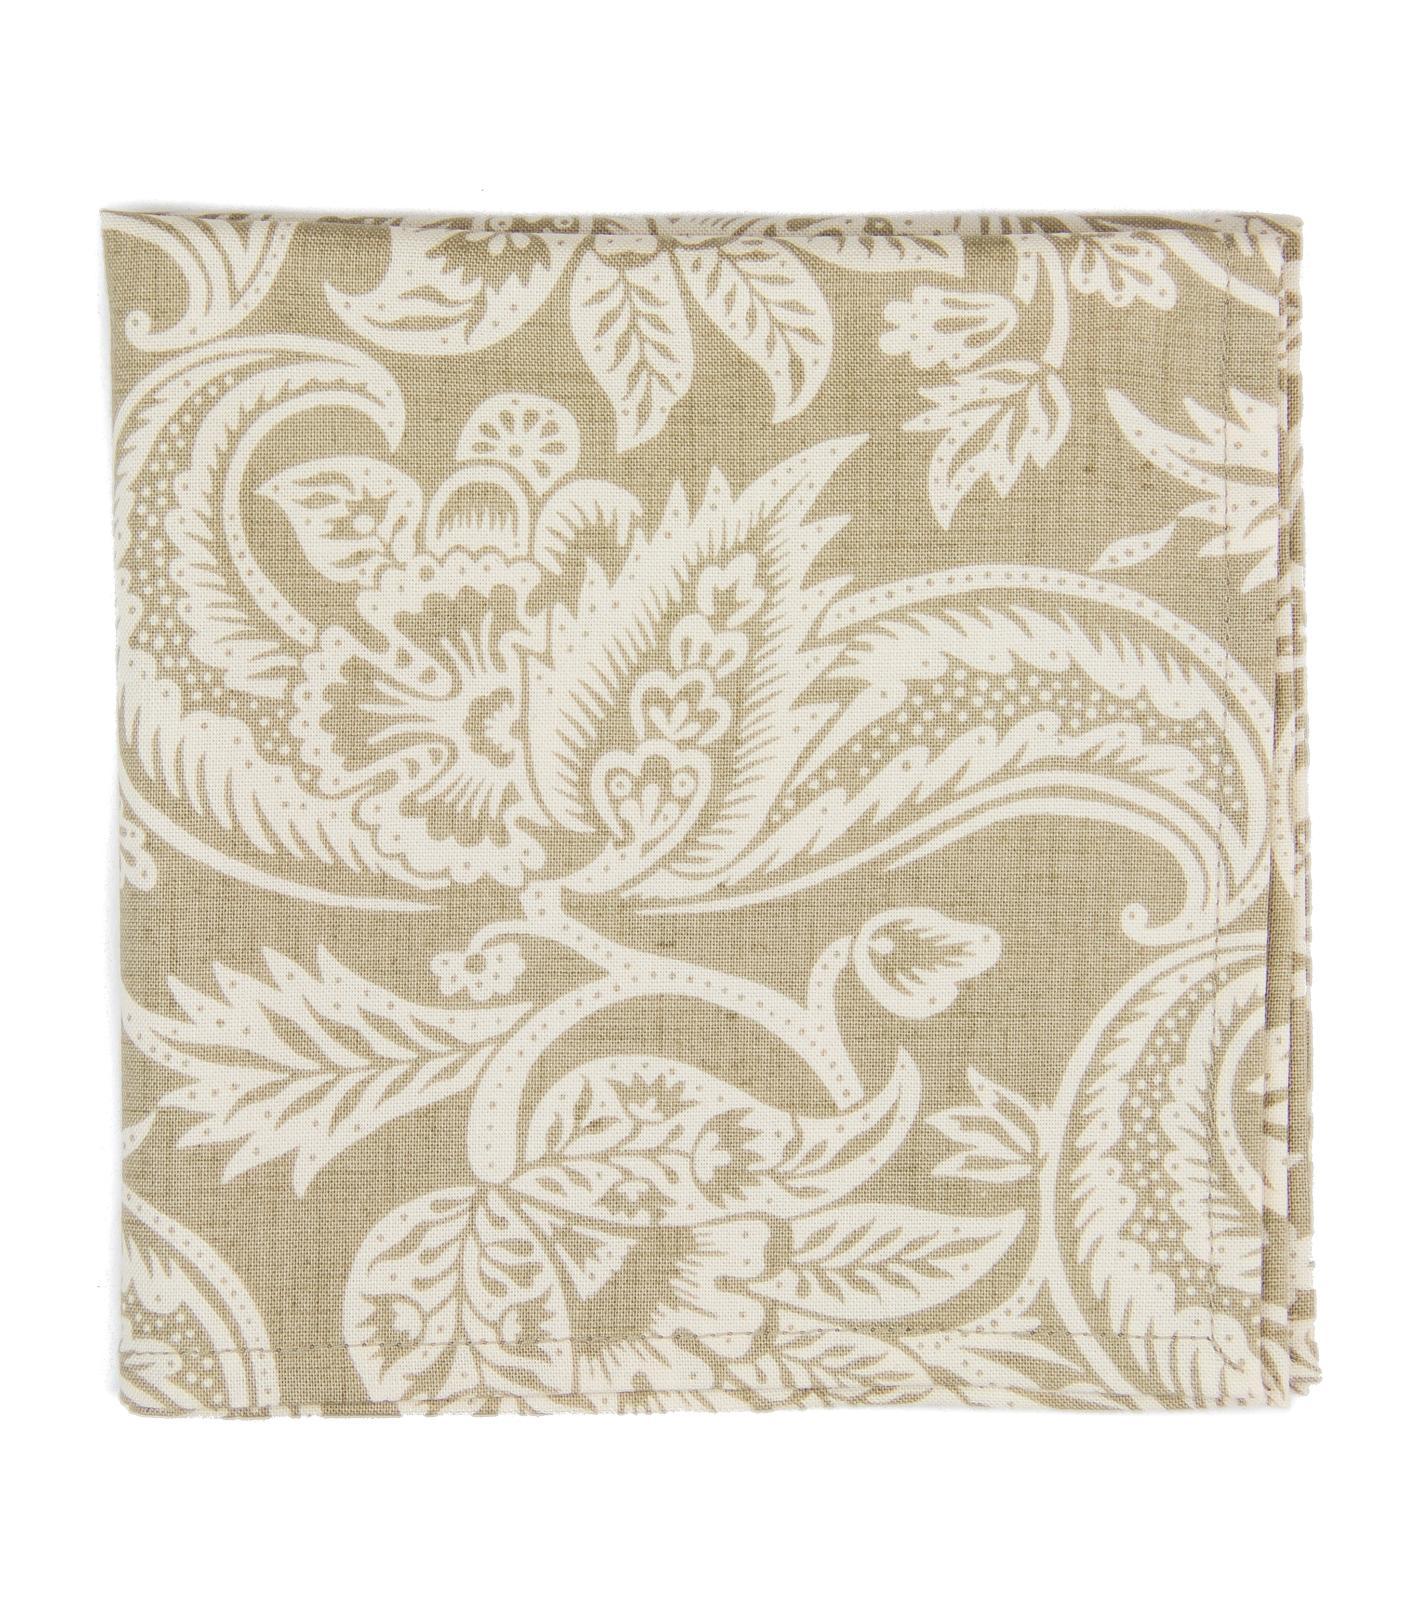 Béžový kapesníček s ornamentem - Obrázok č. 1